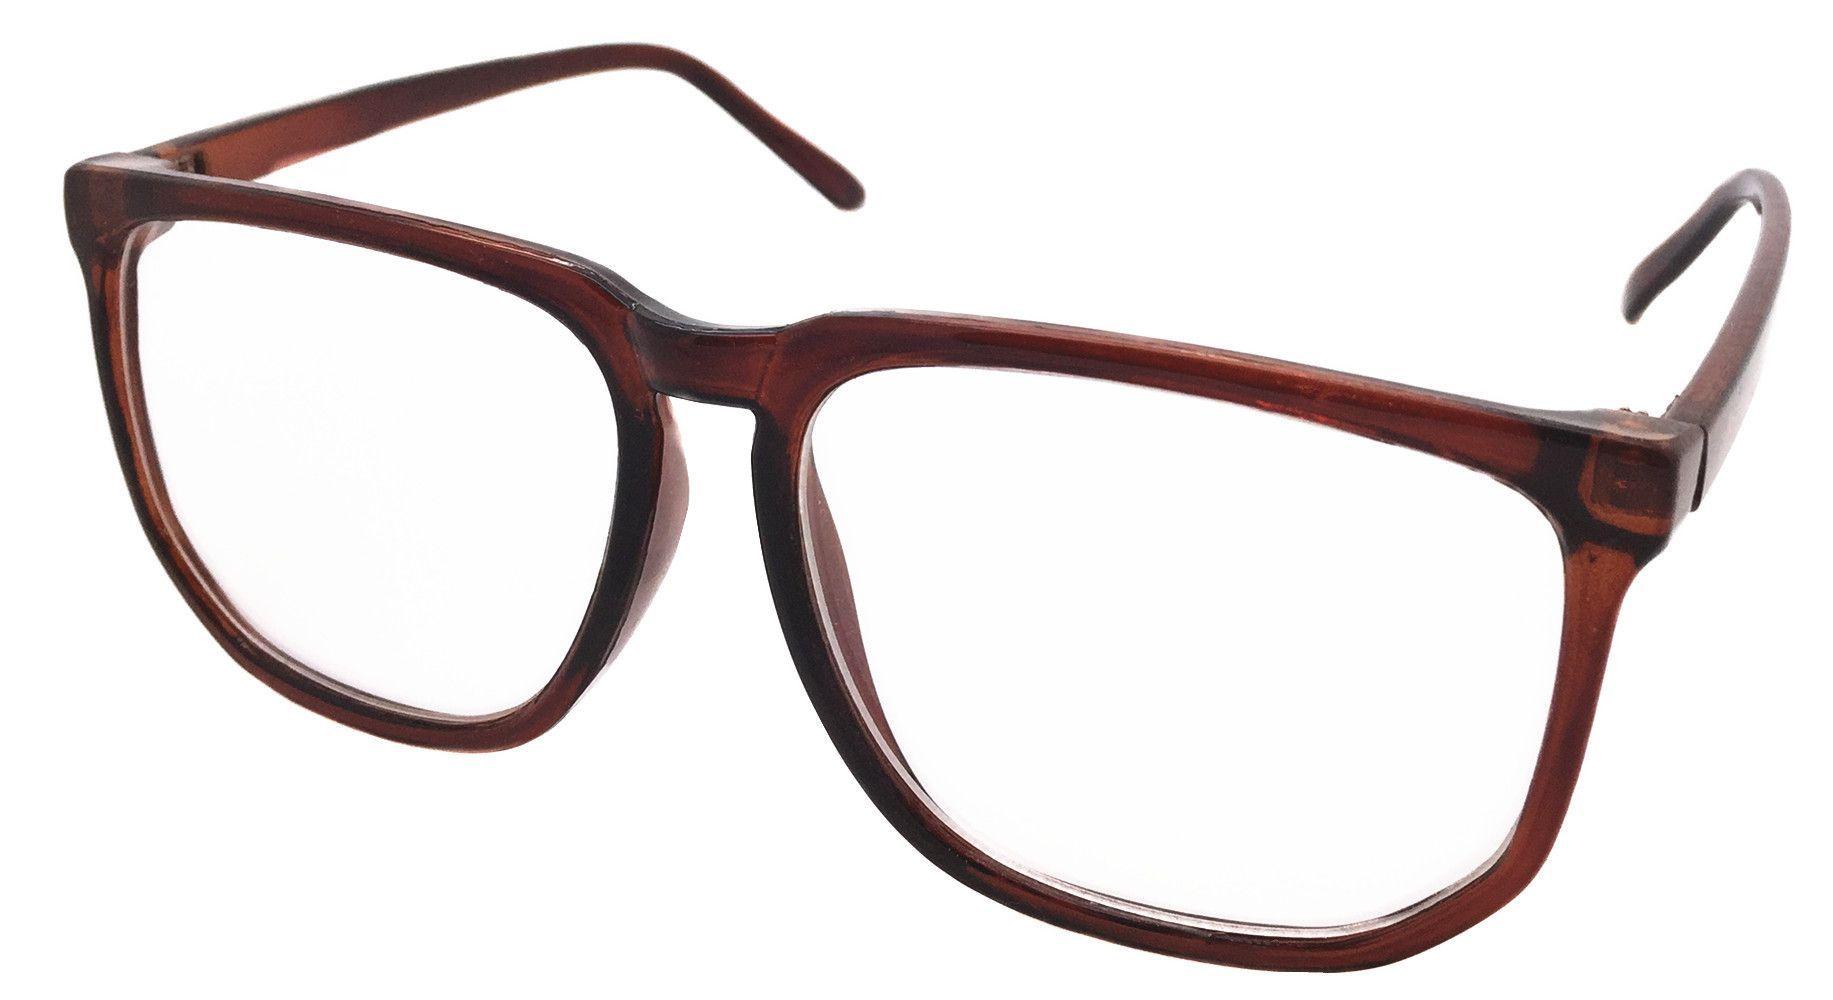 28853b0fb2896 Oversized Retro Vintage Inspired Classic Nerd Wayfarer Clear Lens Glasses  Frame Eyewear